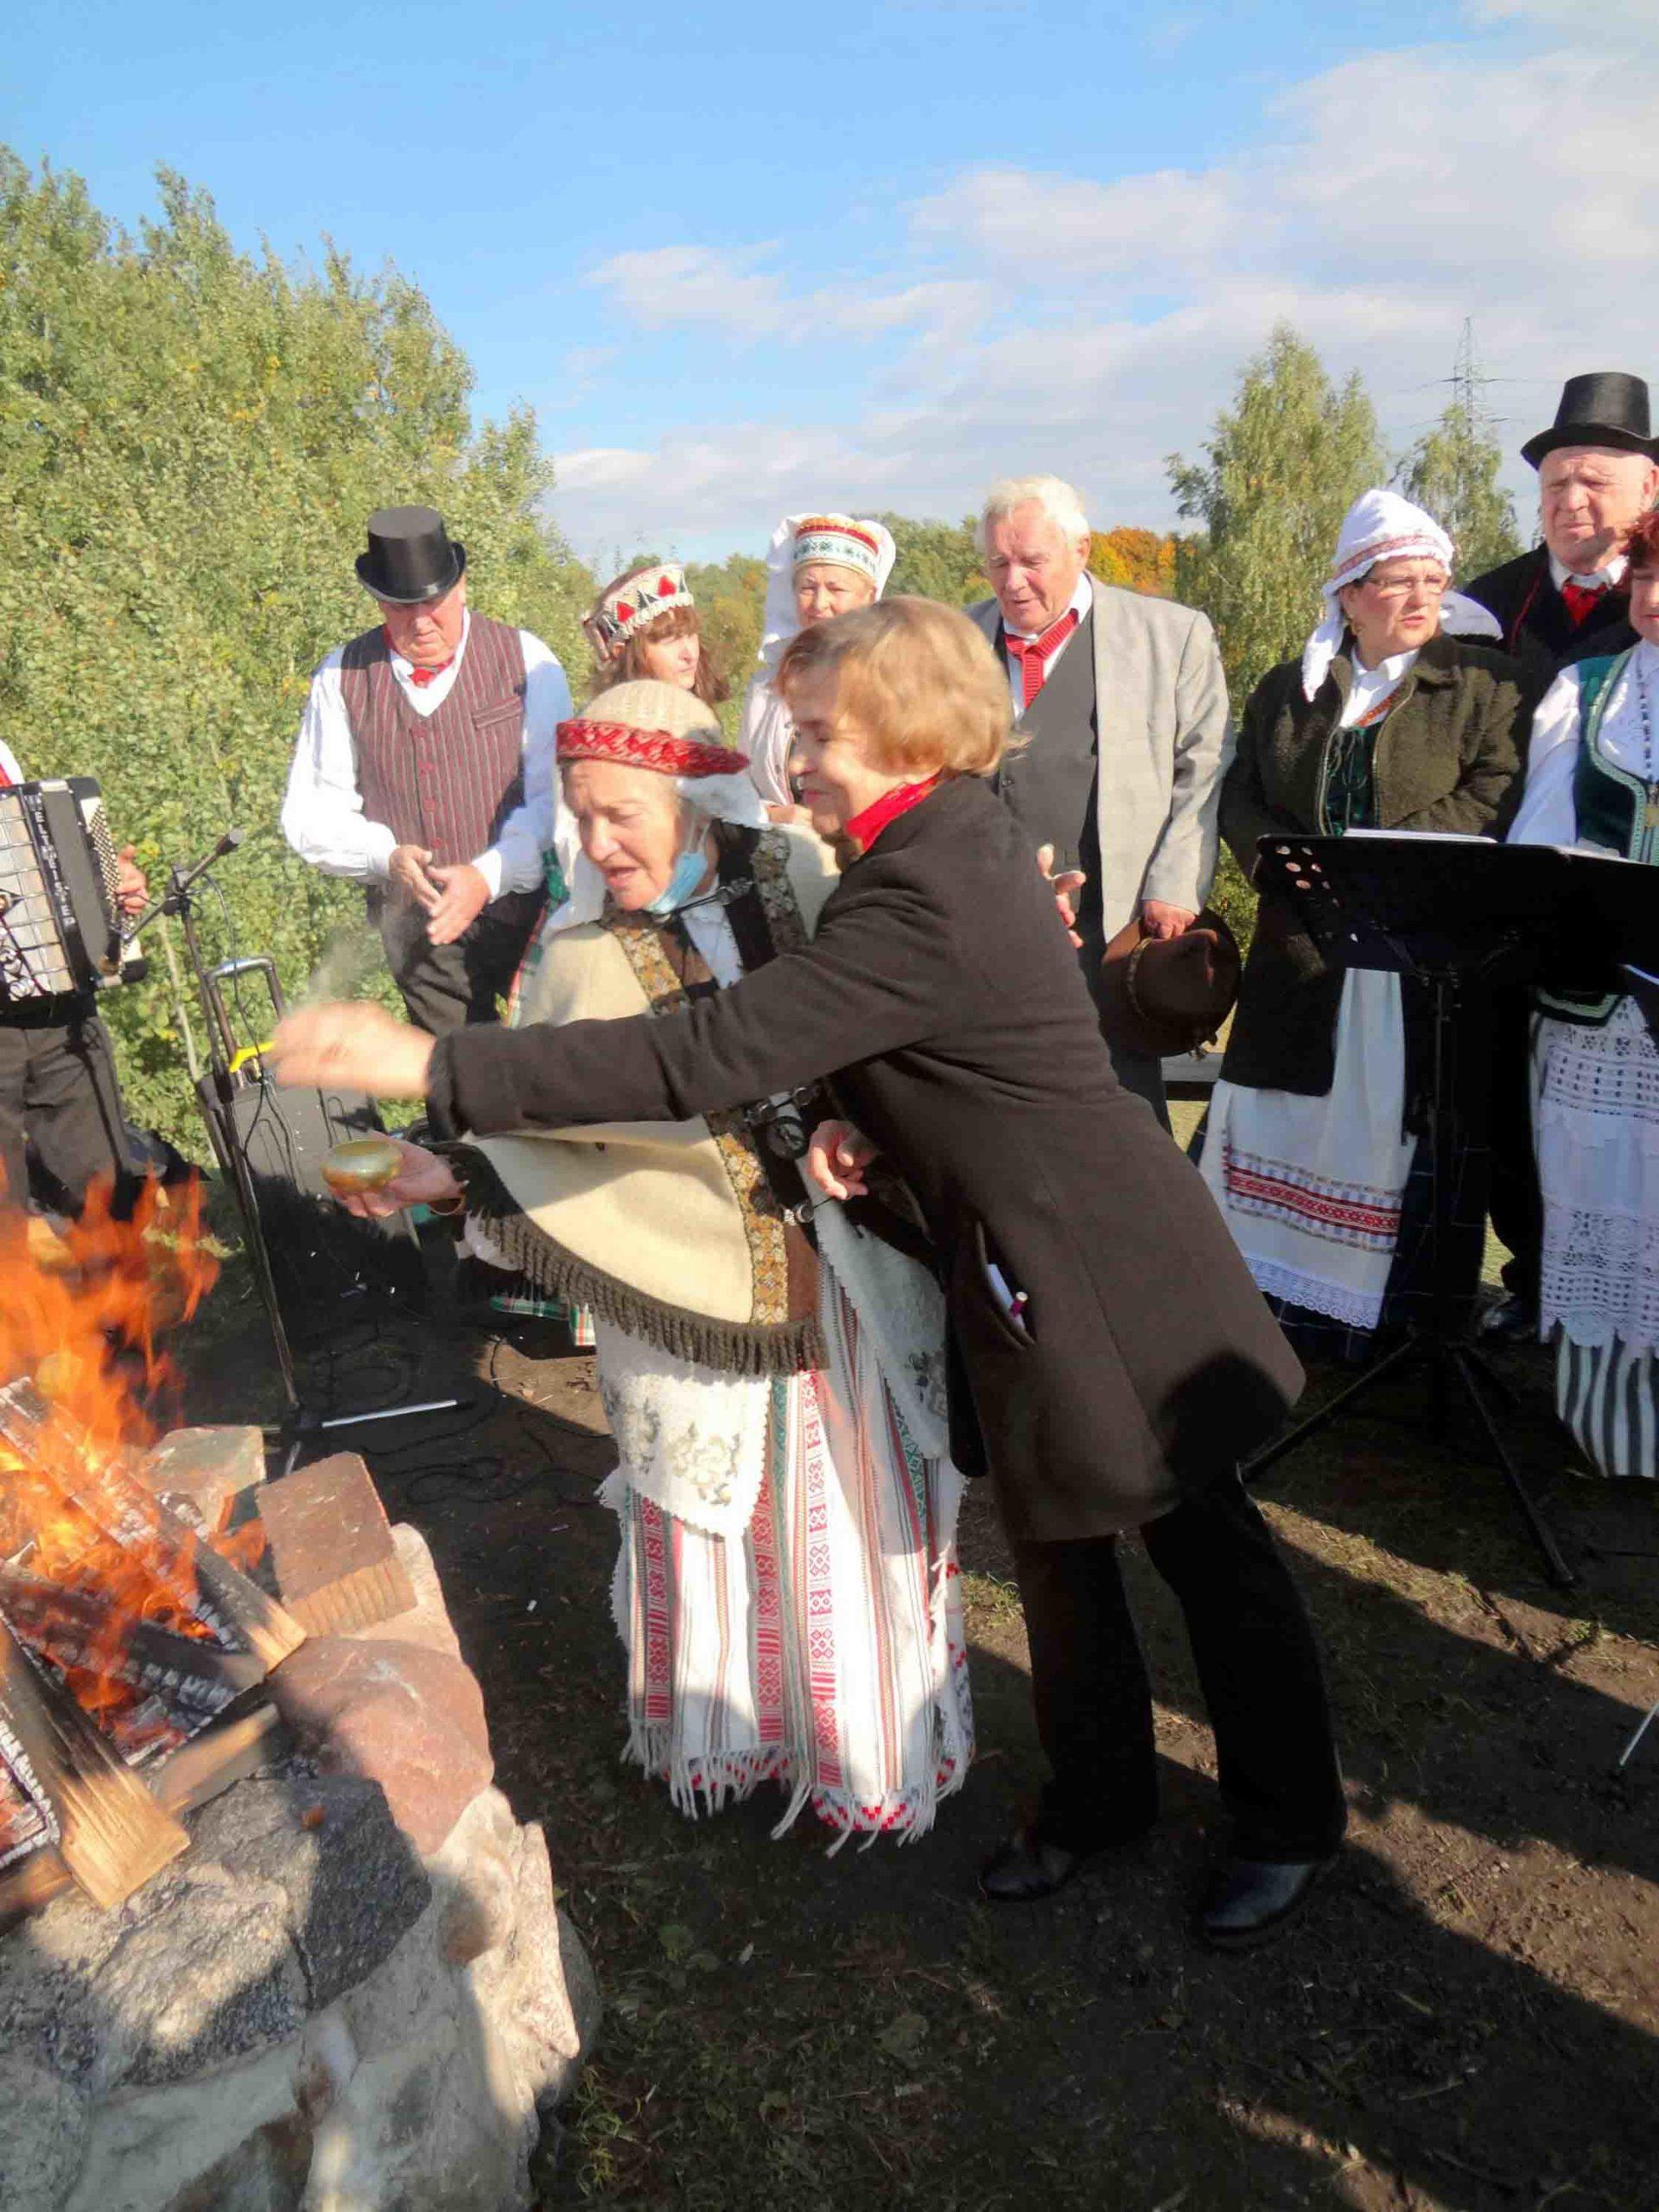 Baltų kultūros šventė, skirta M. Gimbutienės 100-mečiui | B. Zeigienės nuotr.